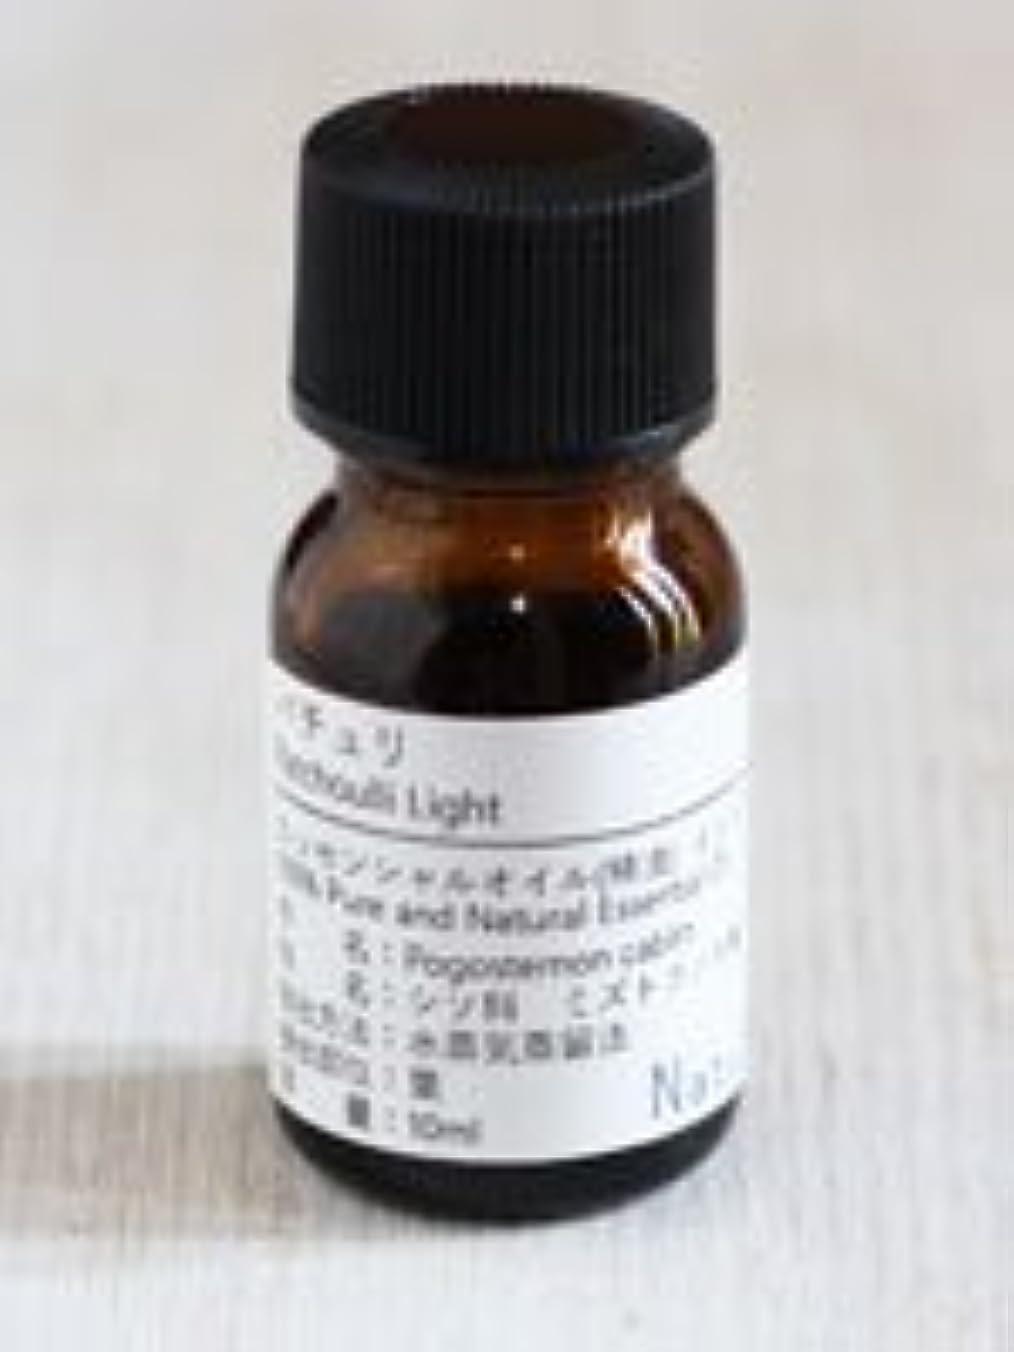 忌まわしい仕える間欠Natural蒼 カユプテ/エッセンシャルオイル 精油天然100% (30ml)